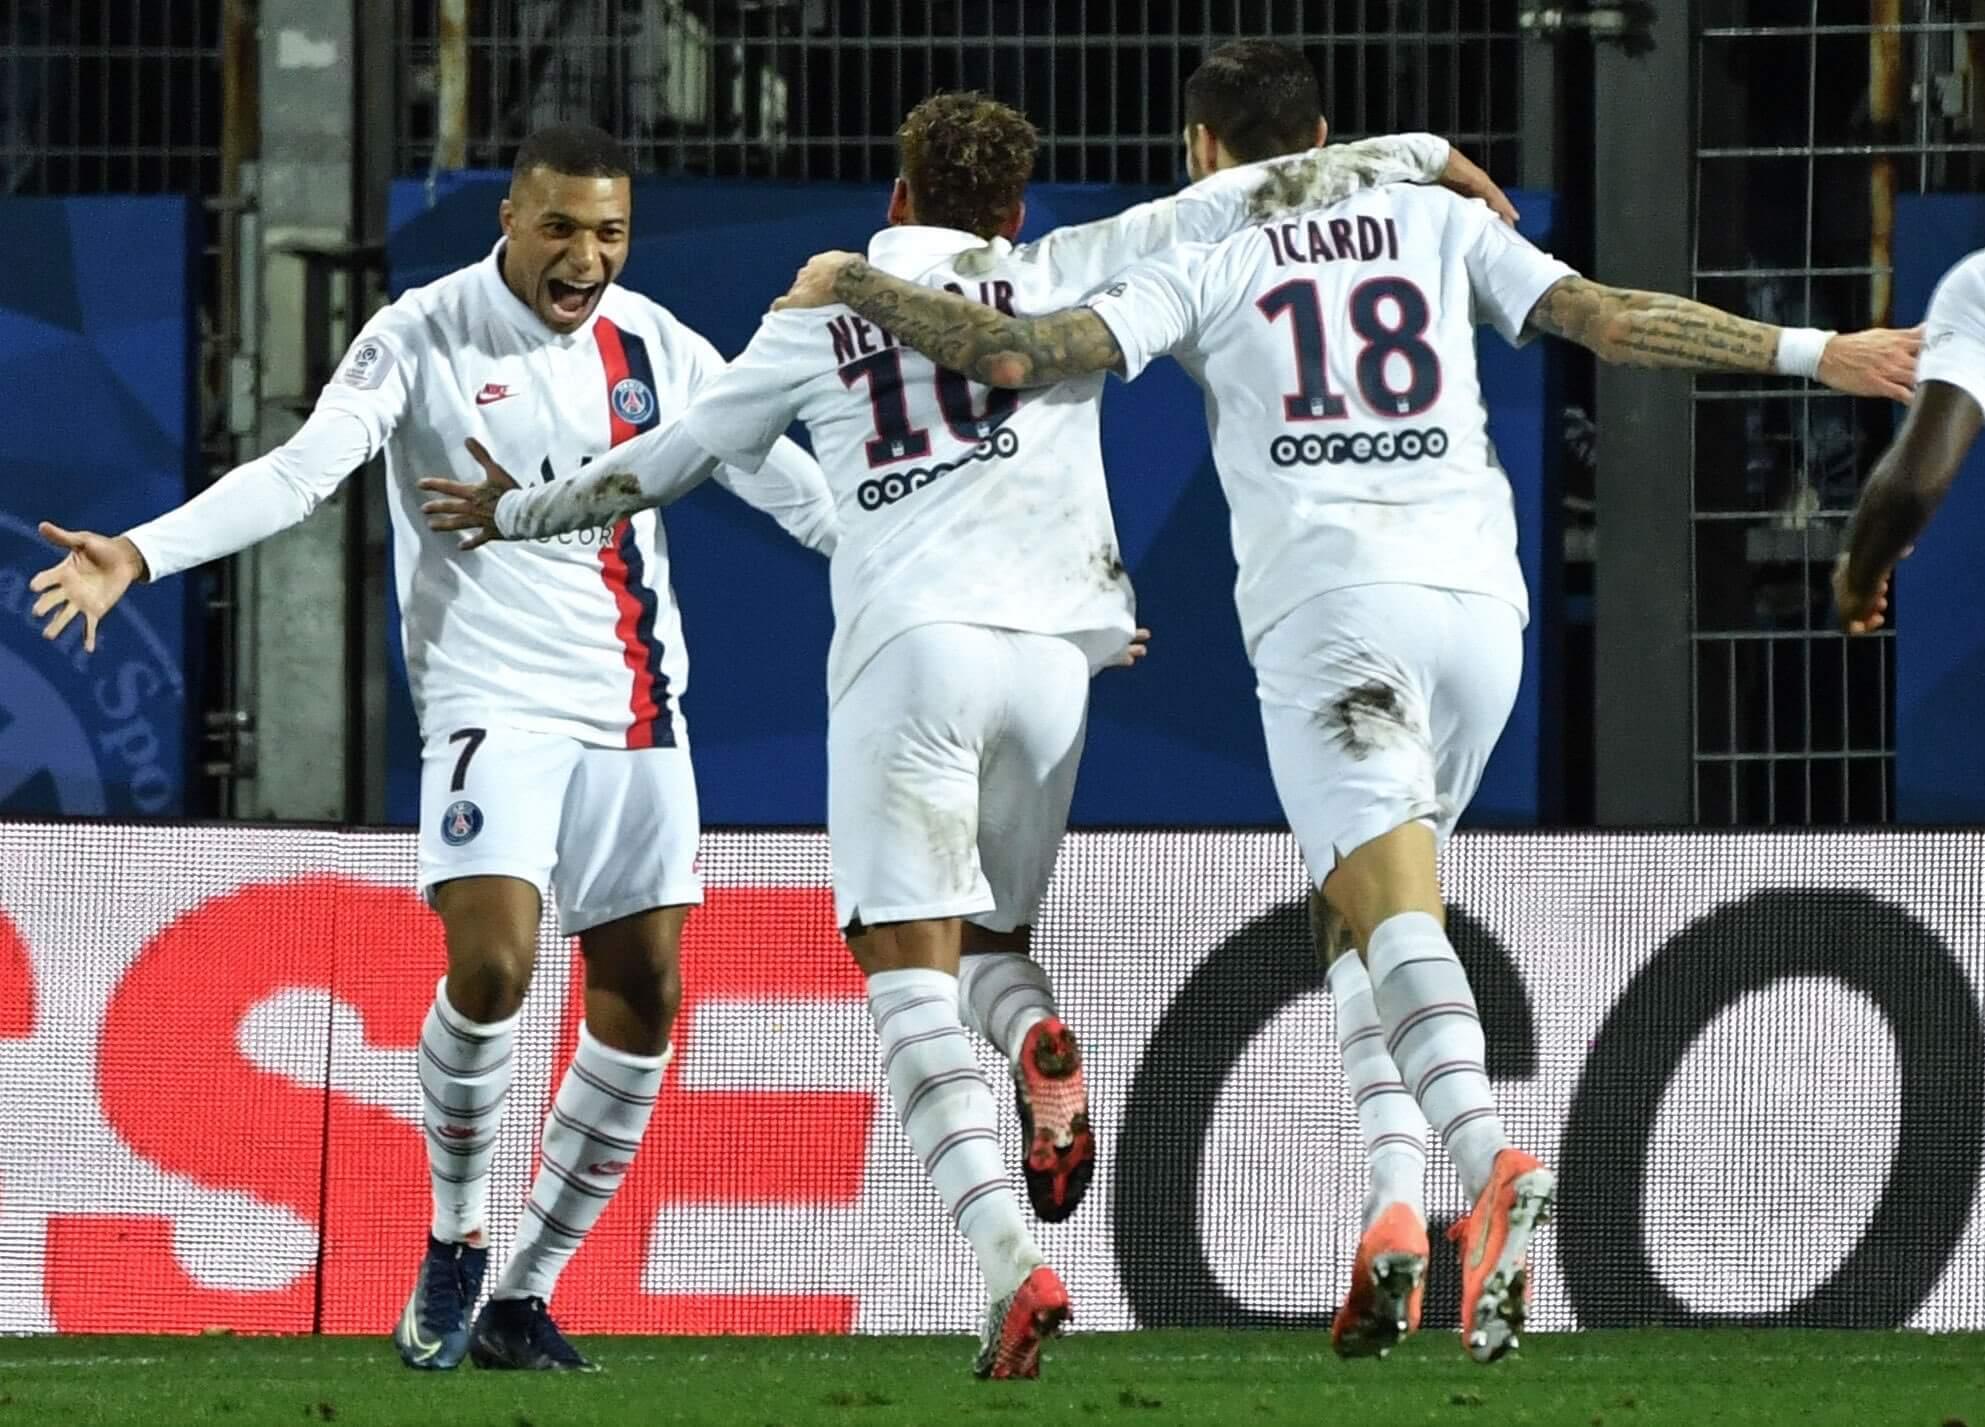 Icardi golazo PSG Montpellier